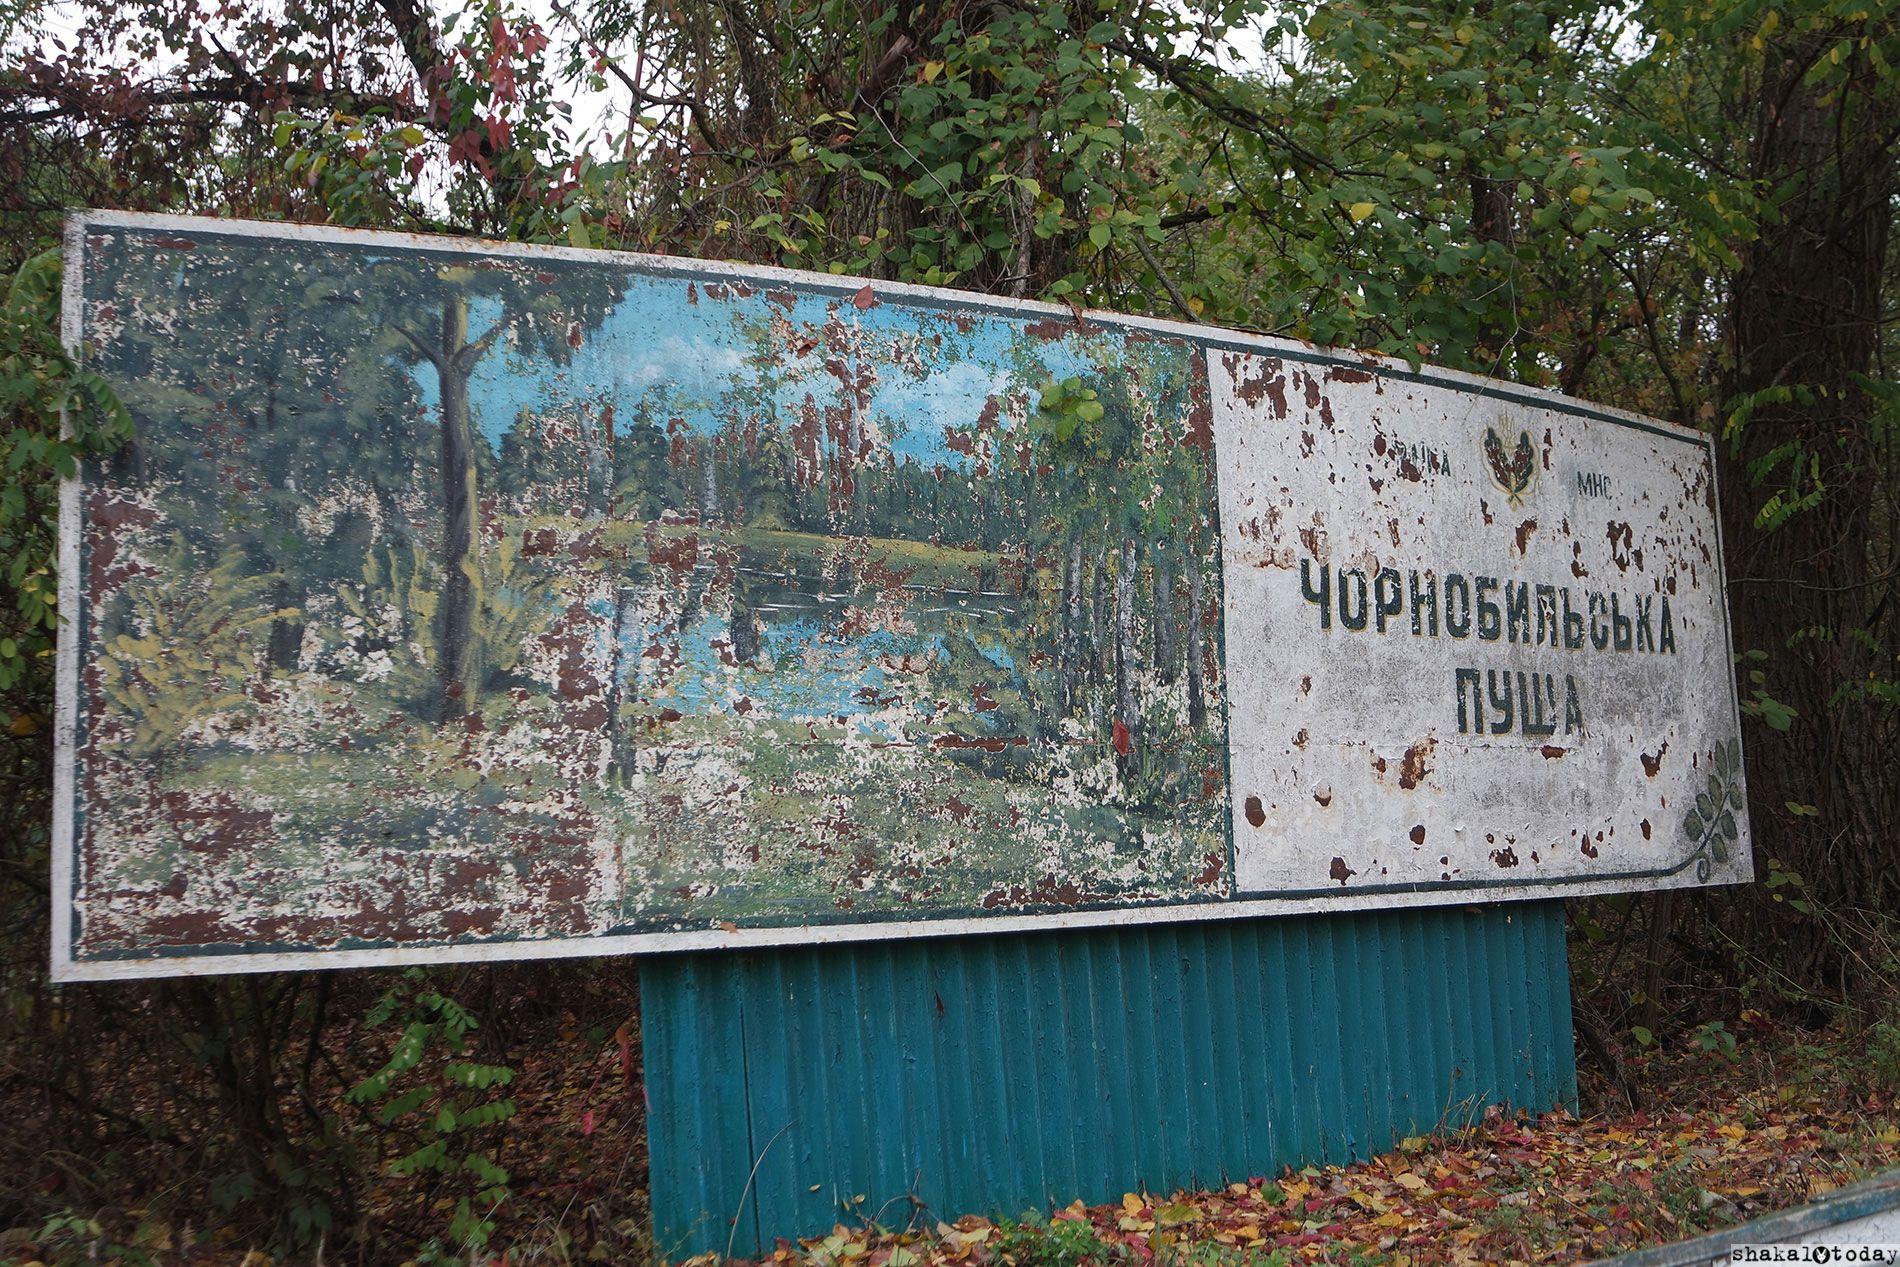 Чернобыльская пуща